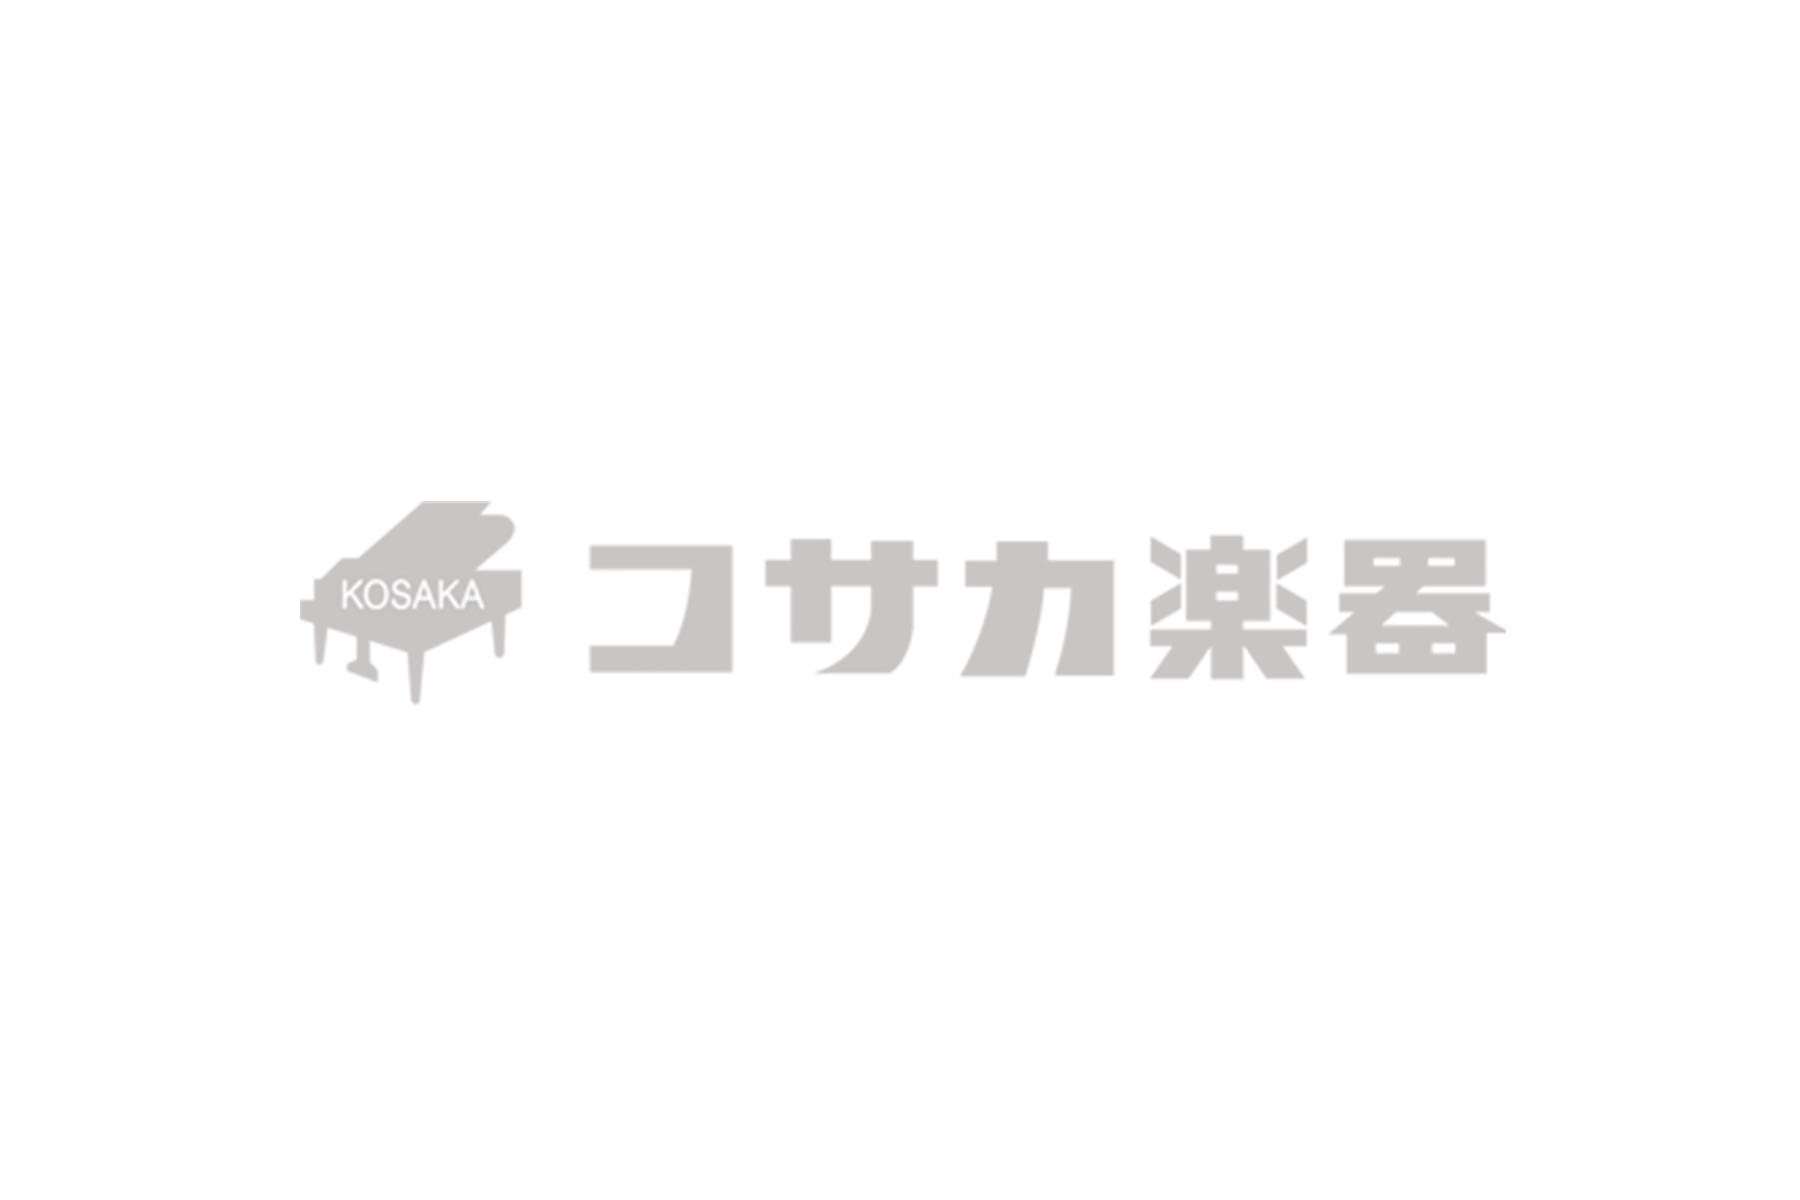 新コース「大人の英語アラカルト」体験レッスン受付中!大人のピアノ・エレクトーン、「青春ポップス」見学受付中!